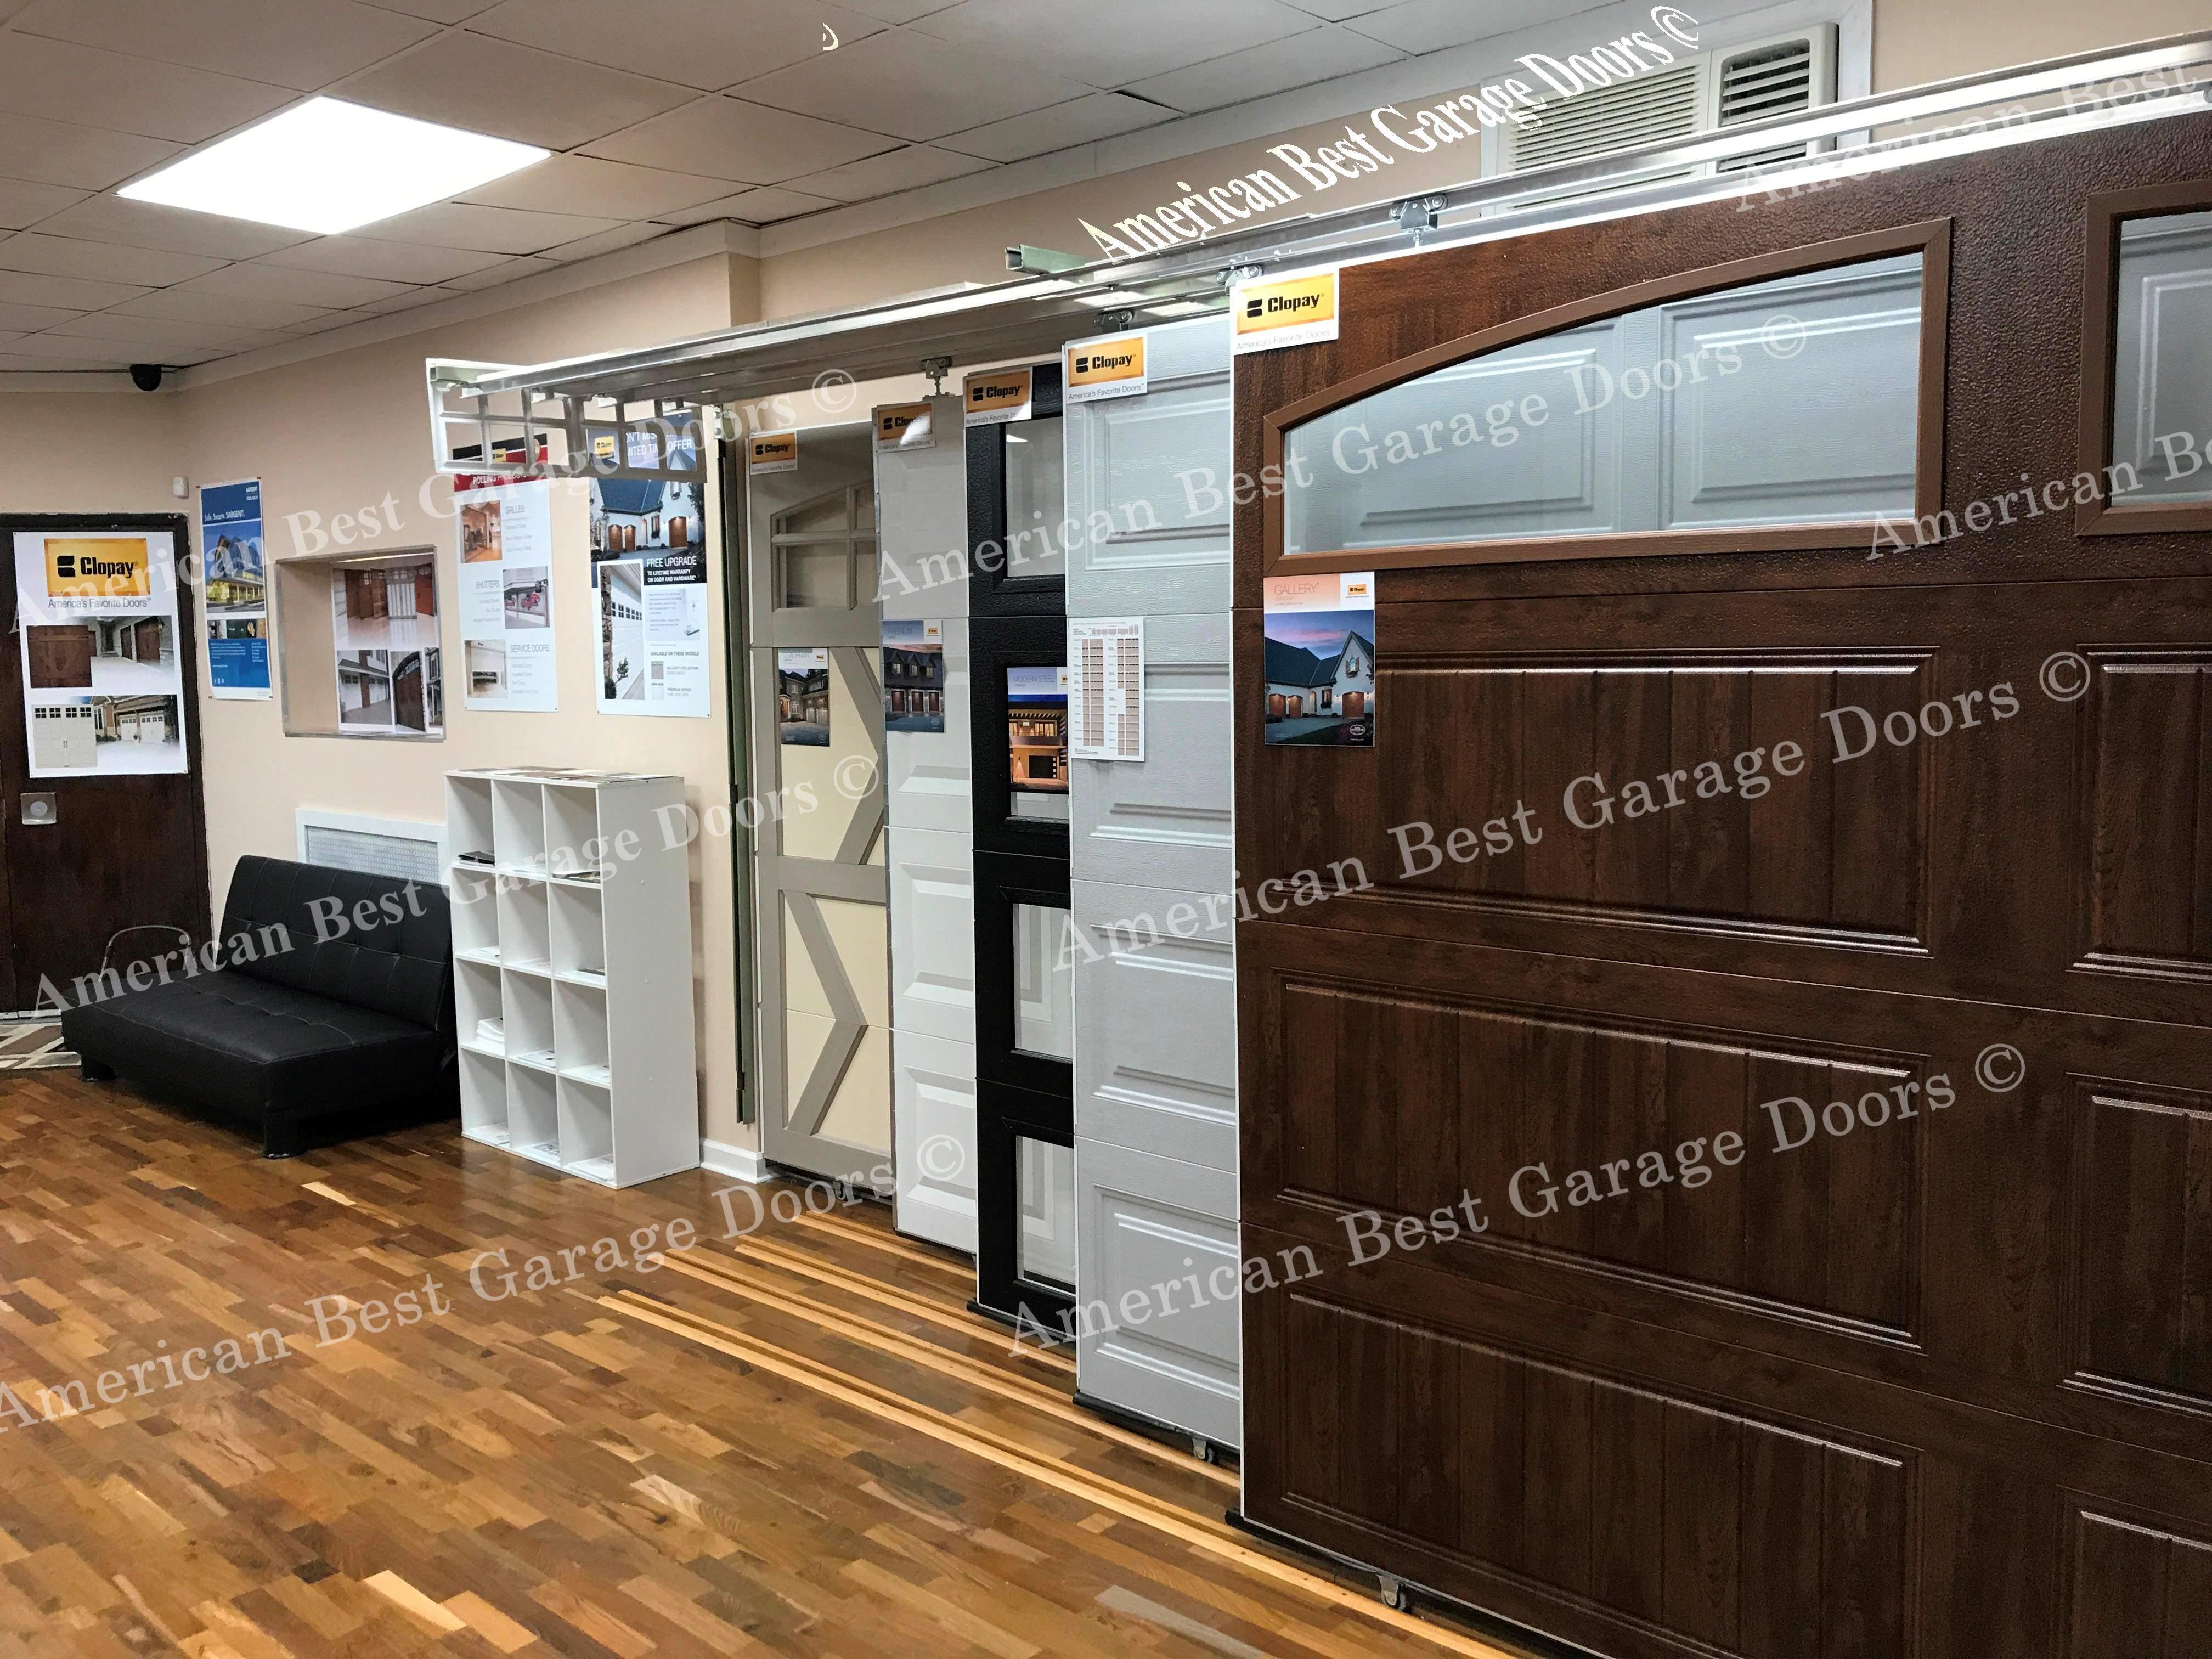 Garage Door Showroom  215 3830399  American Best Garage Doors